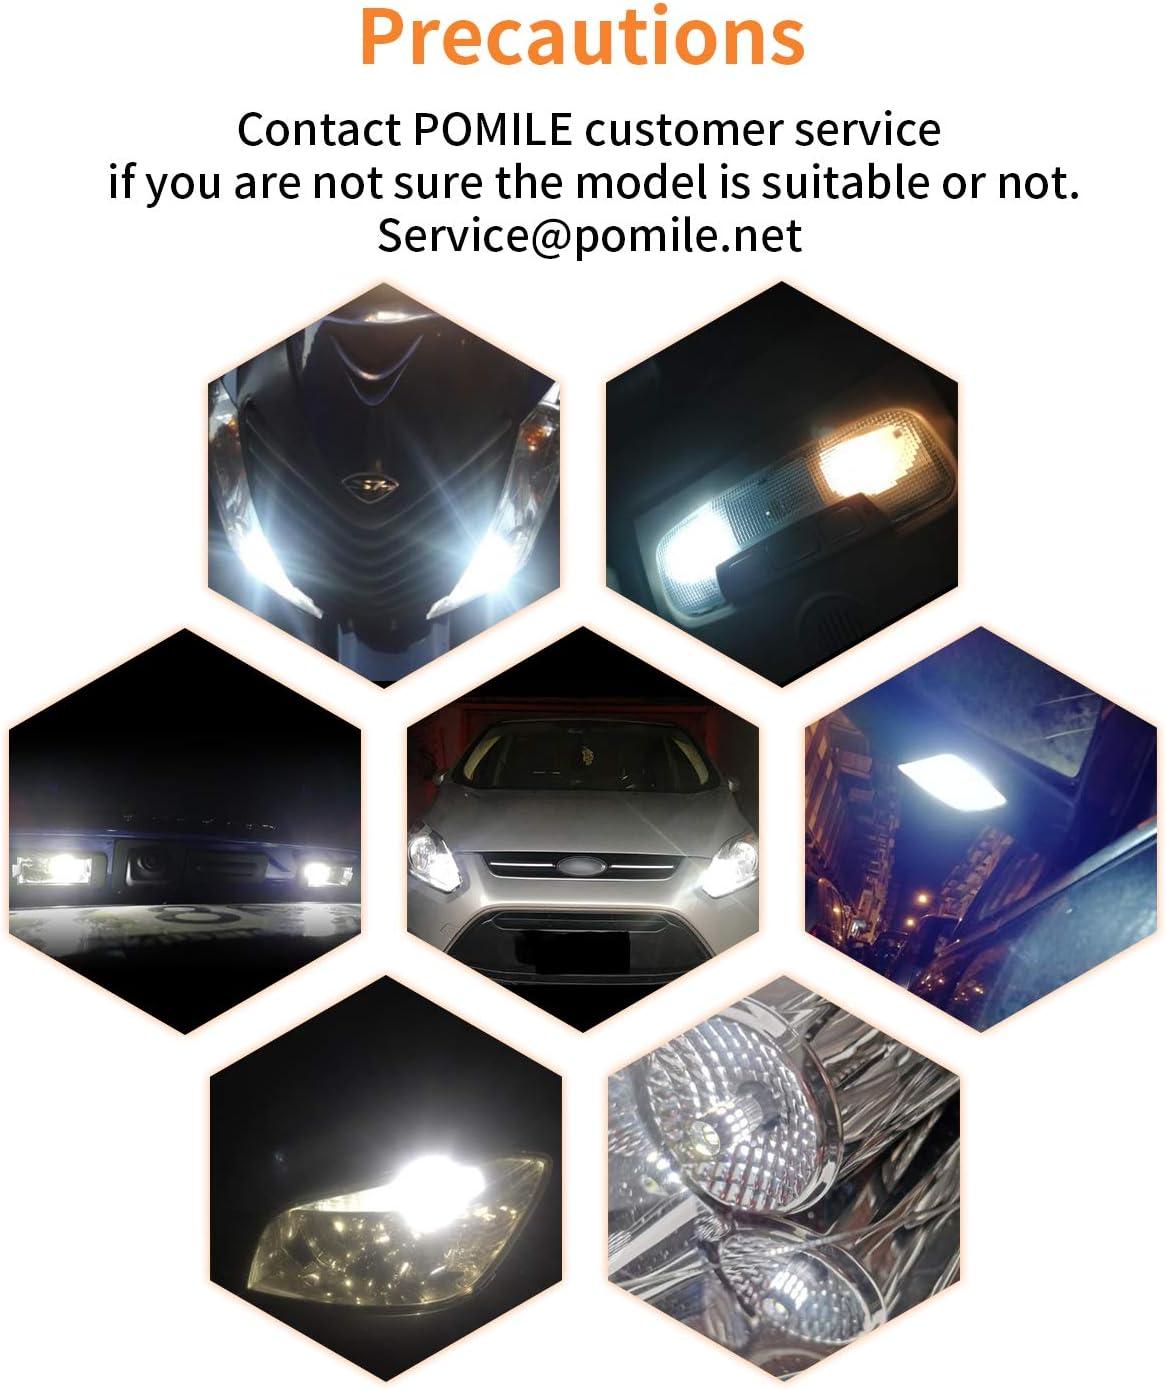 5W 550LM 6000K L/ámparas de Matr/ícula Luces del Maletero POMILE 2PC T10 W5W LED Canbus Bombillas 3014 Chipset LED 30-SMD Luz interior Luces de Lectura Luces de Posici/ón